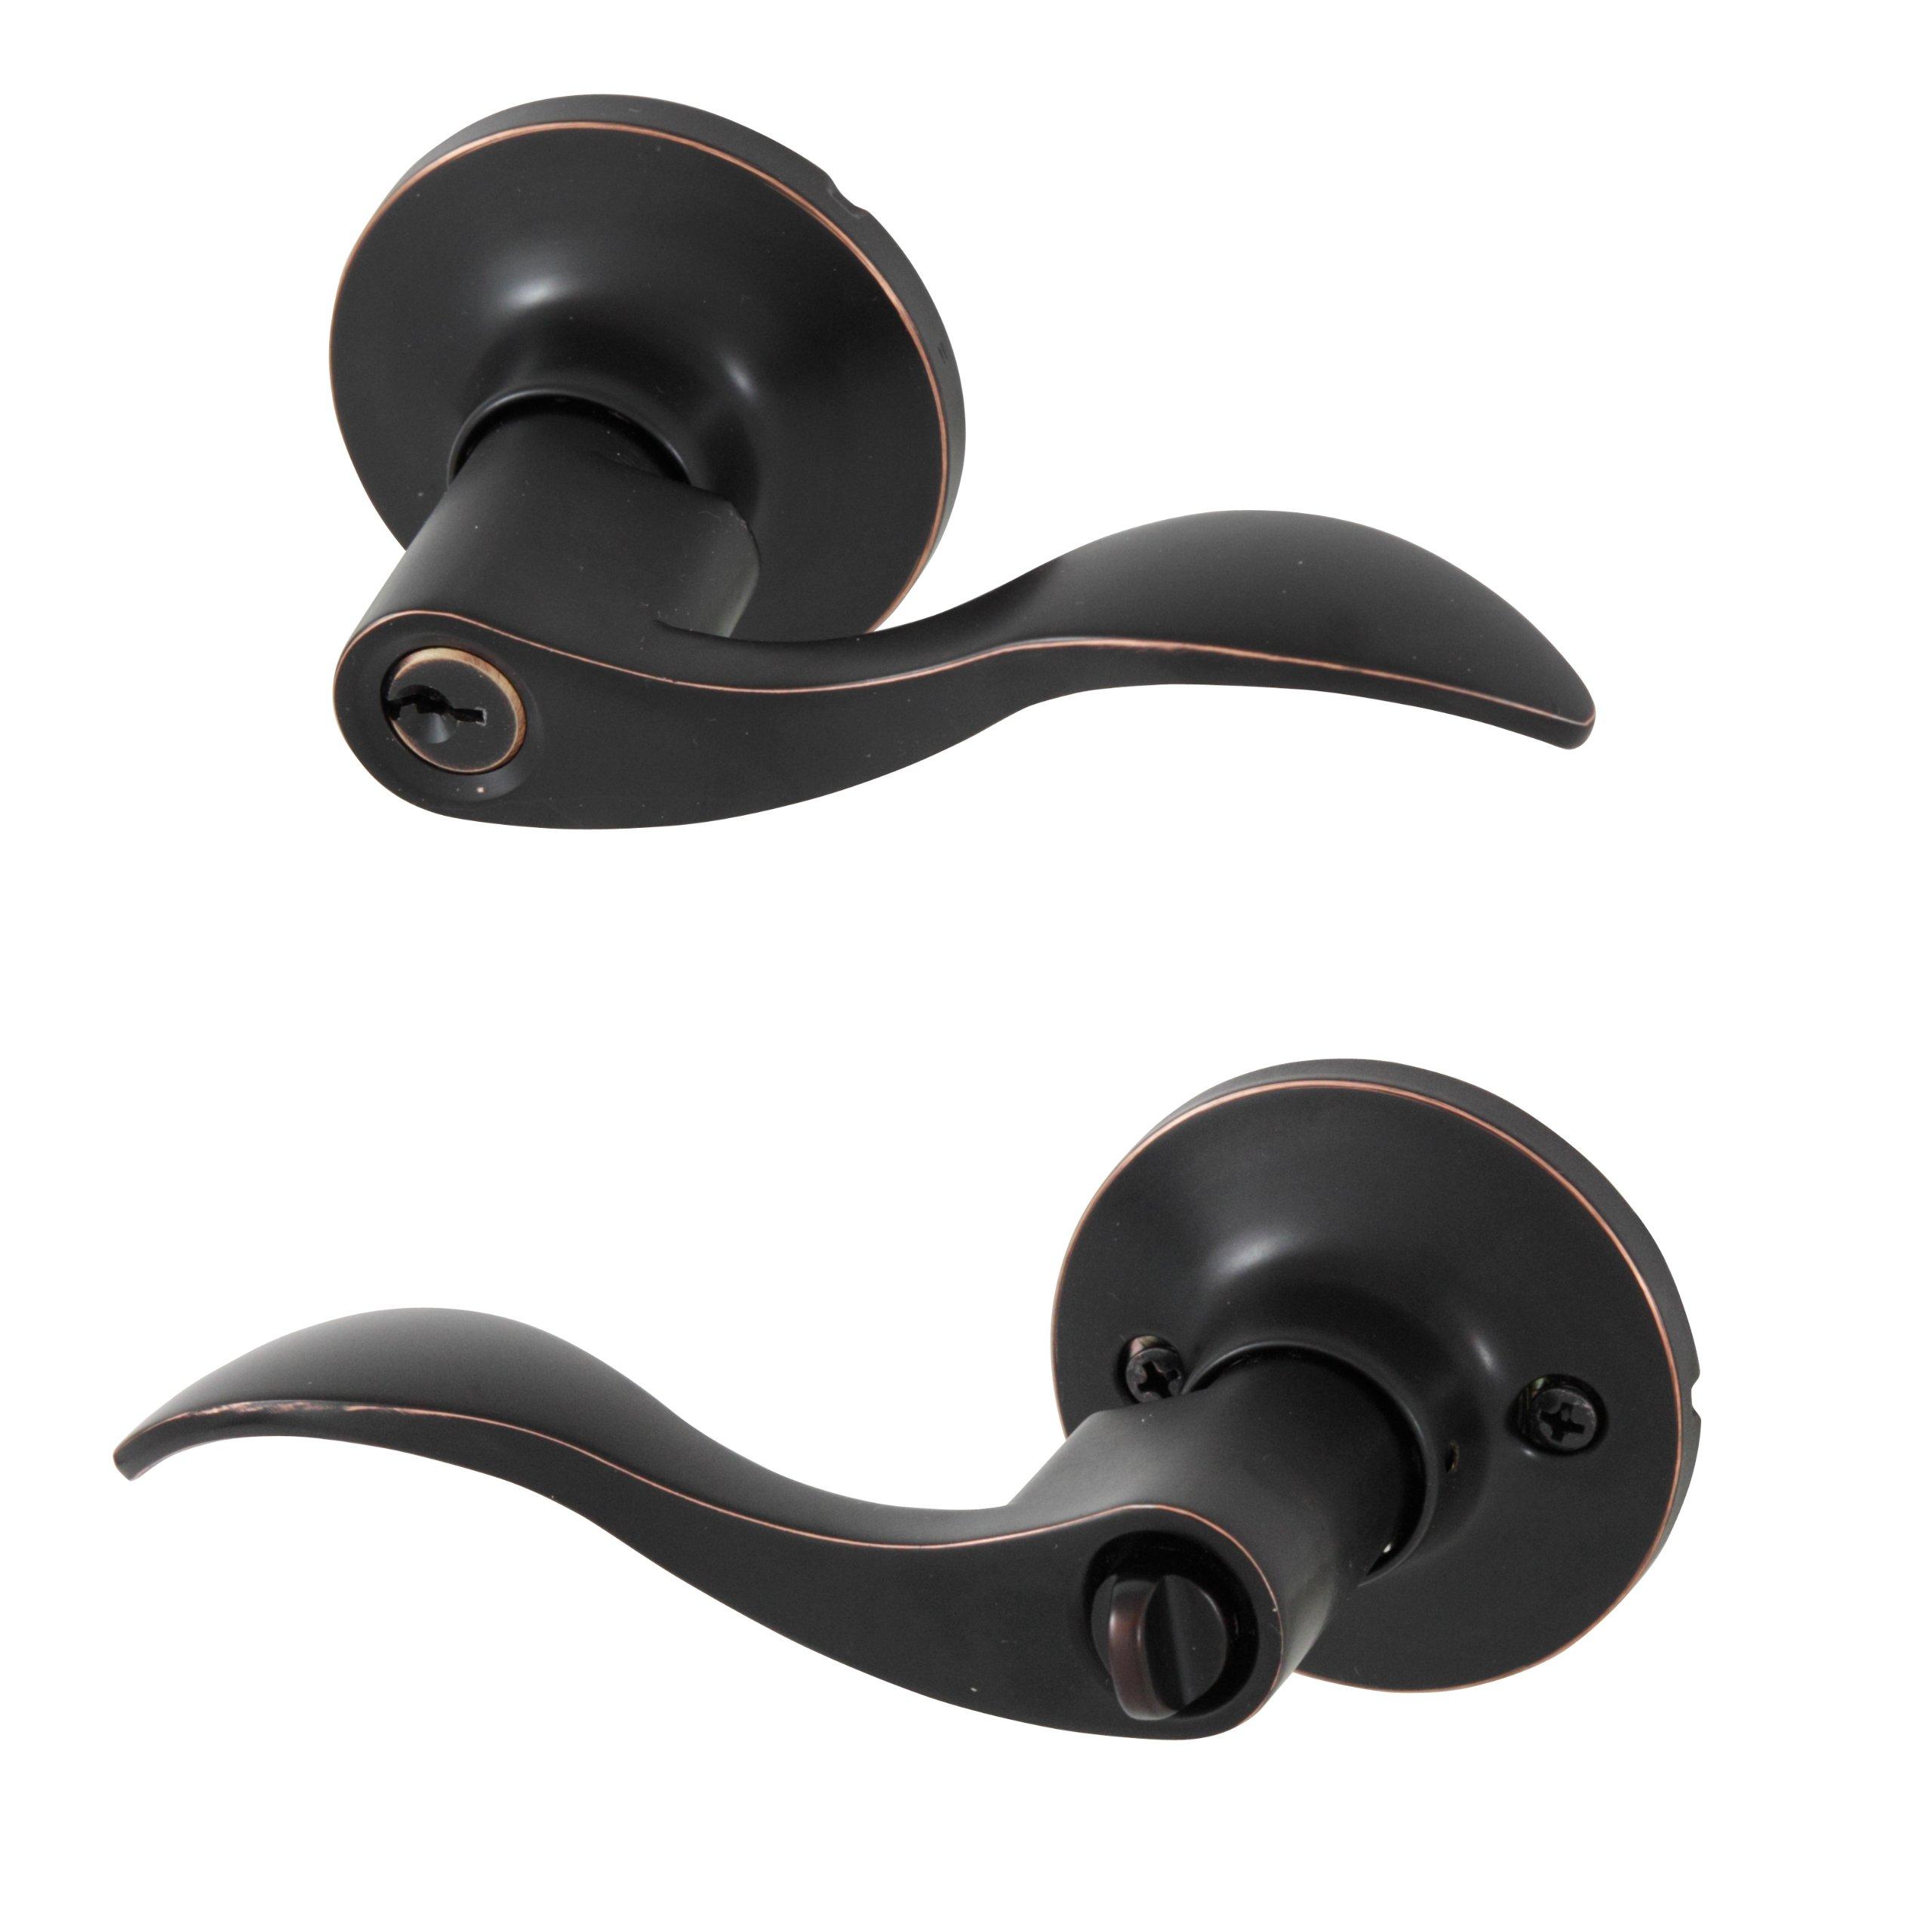 Honeywell 8106401 Wave Entry Door Lever, Oil Rubbed Bronze by Honeywell Safes & Door Locks